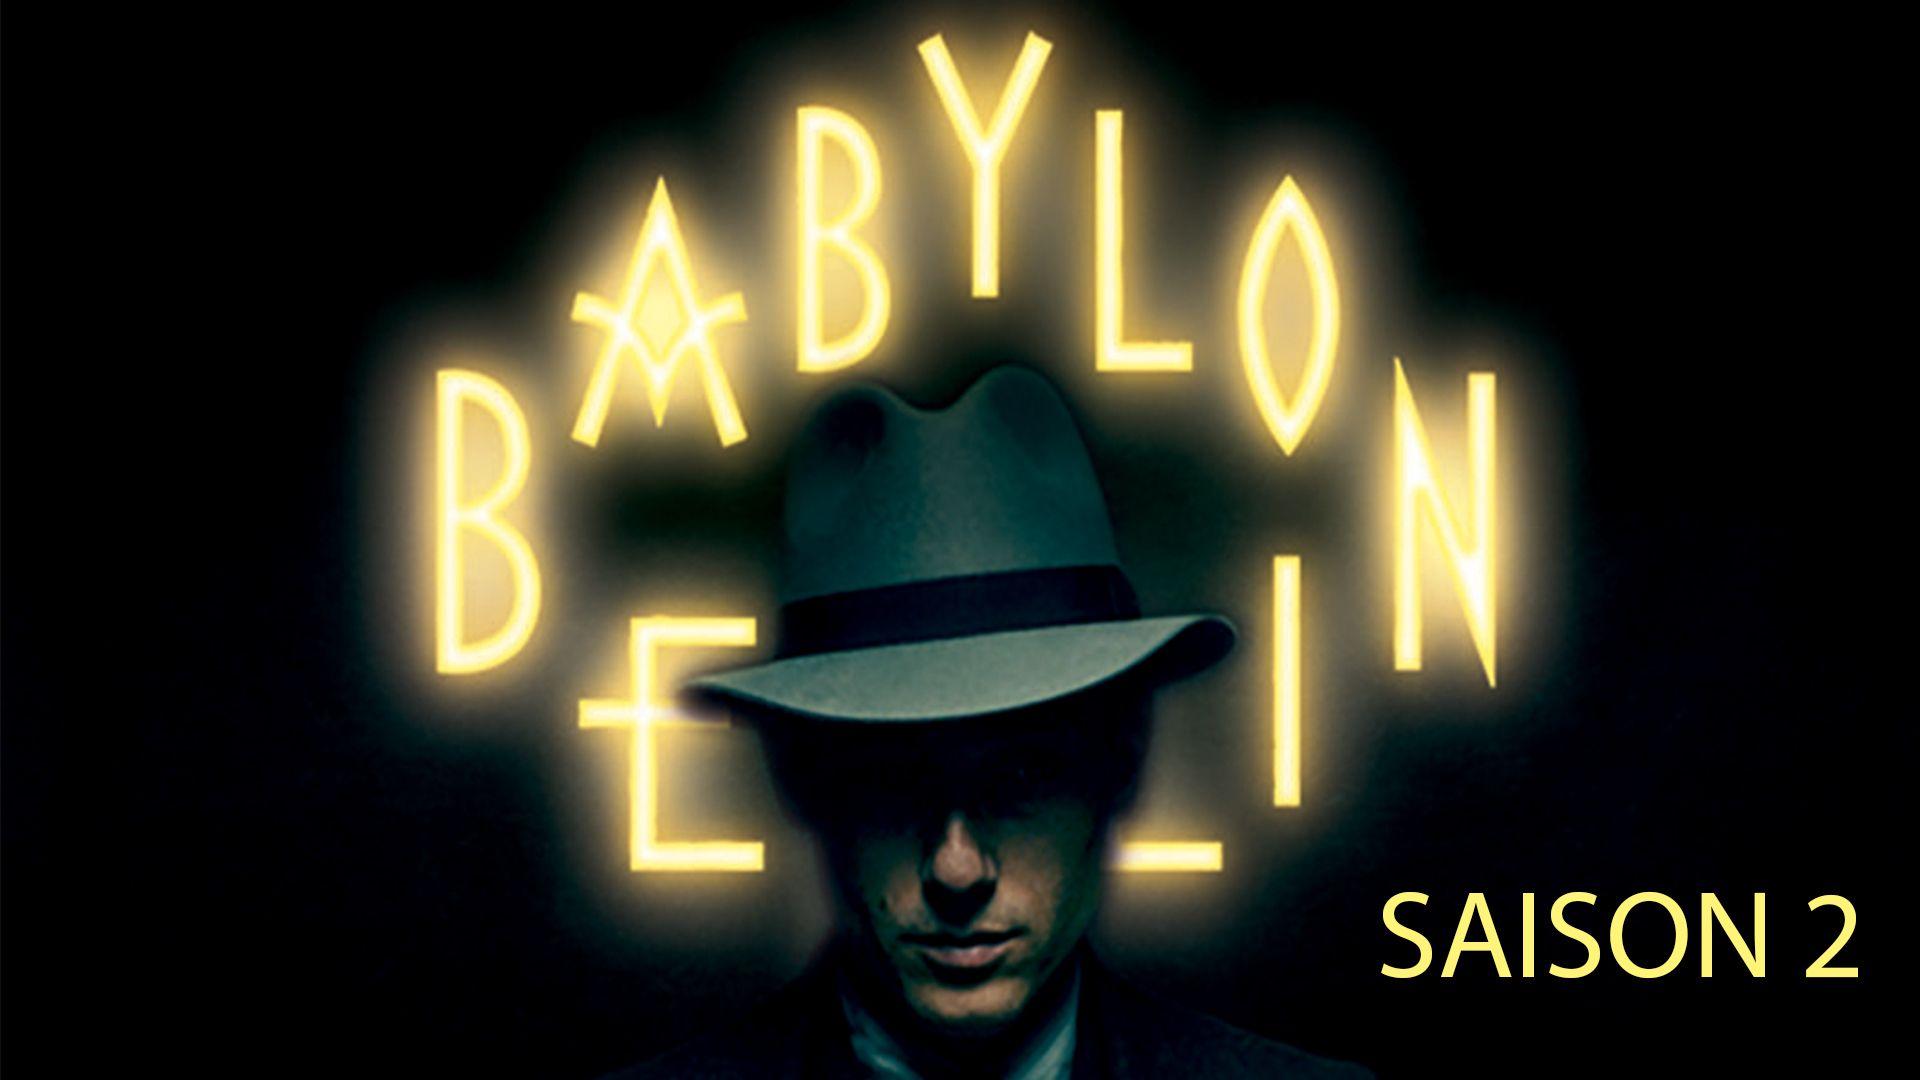 BABYLON BERLIN Saison 2, dès le 7 janvier 2019, sur CANAL+ et  myCANAL